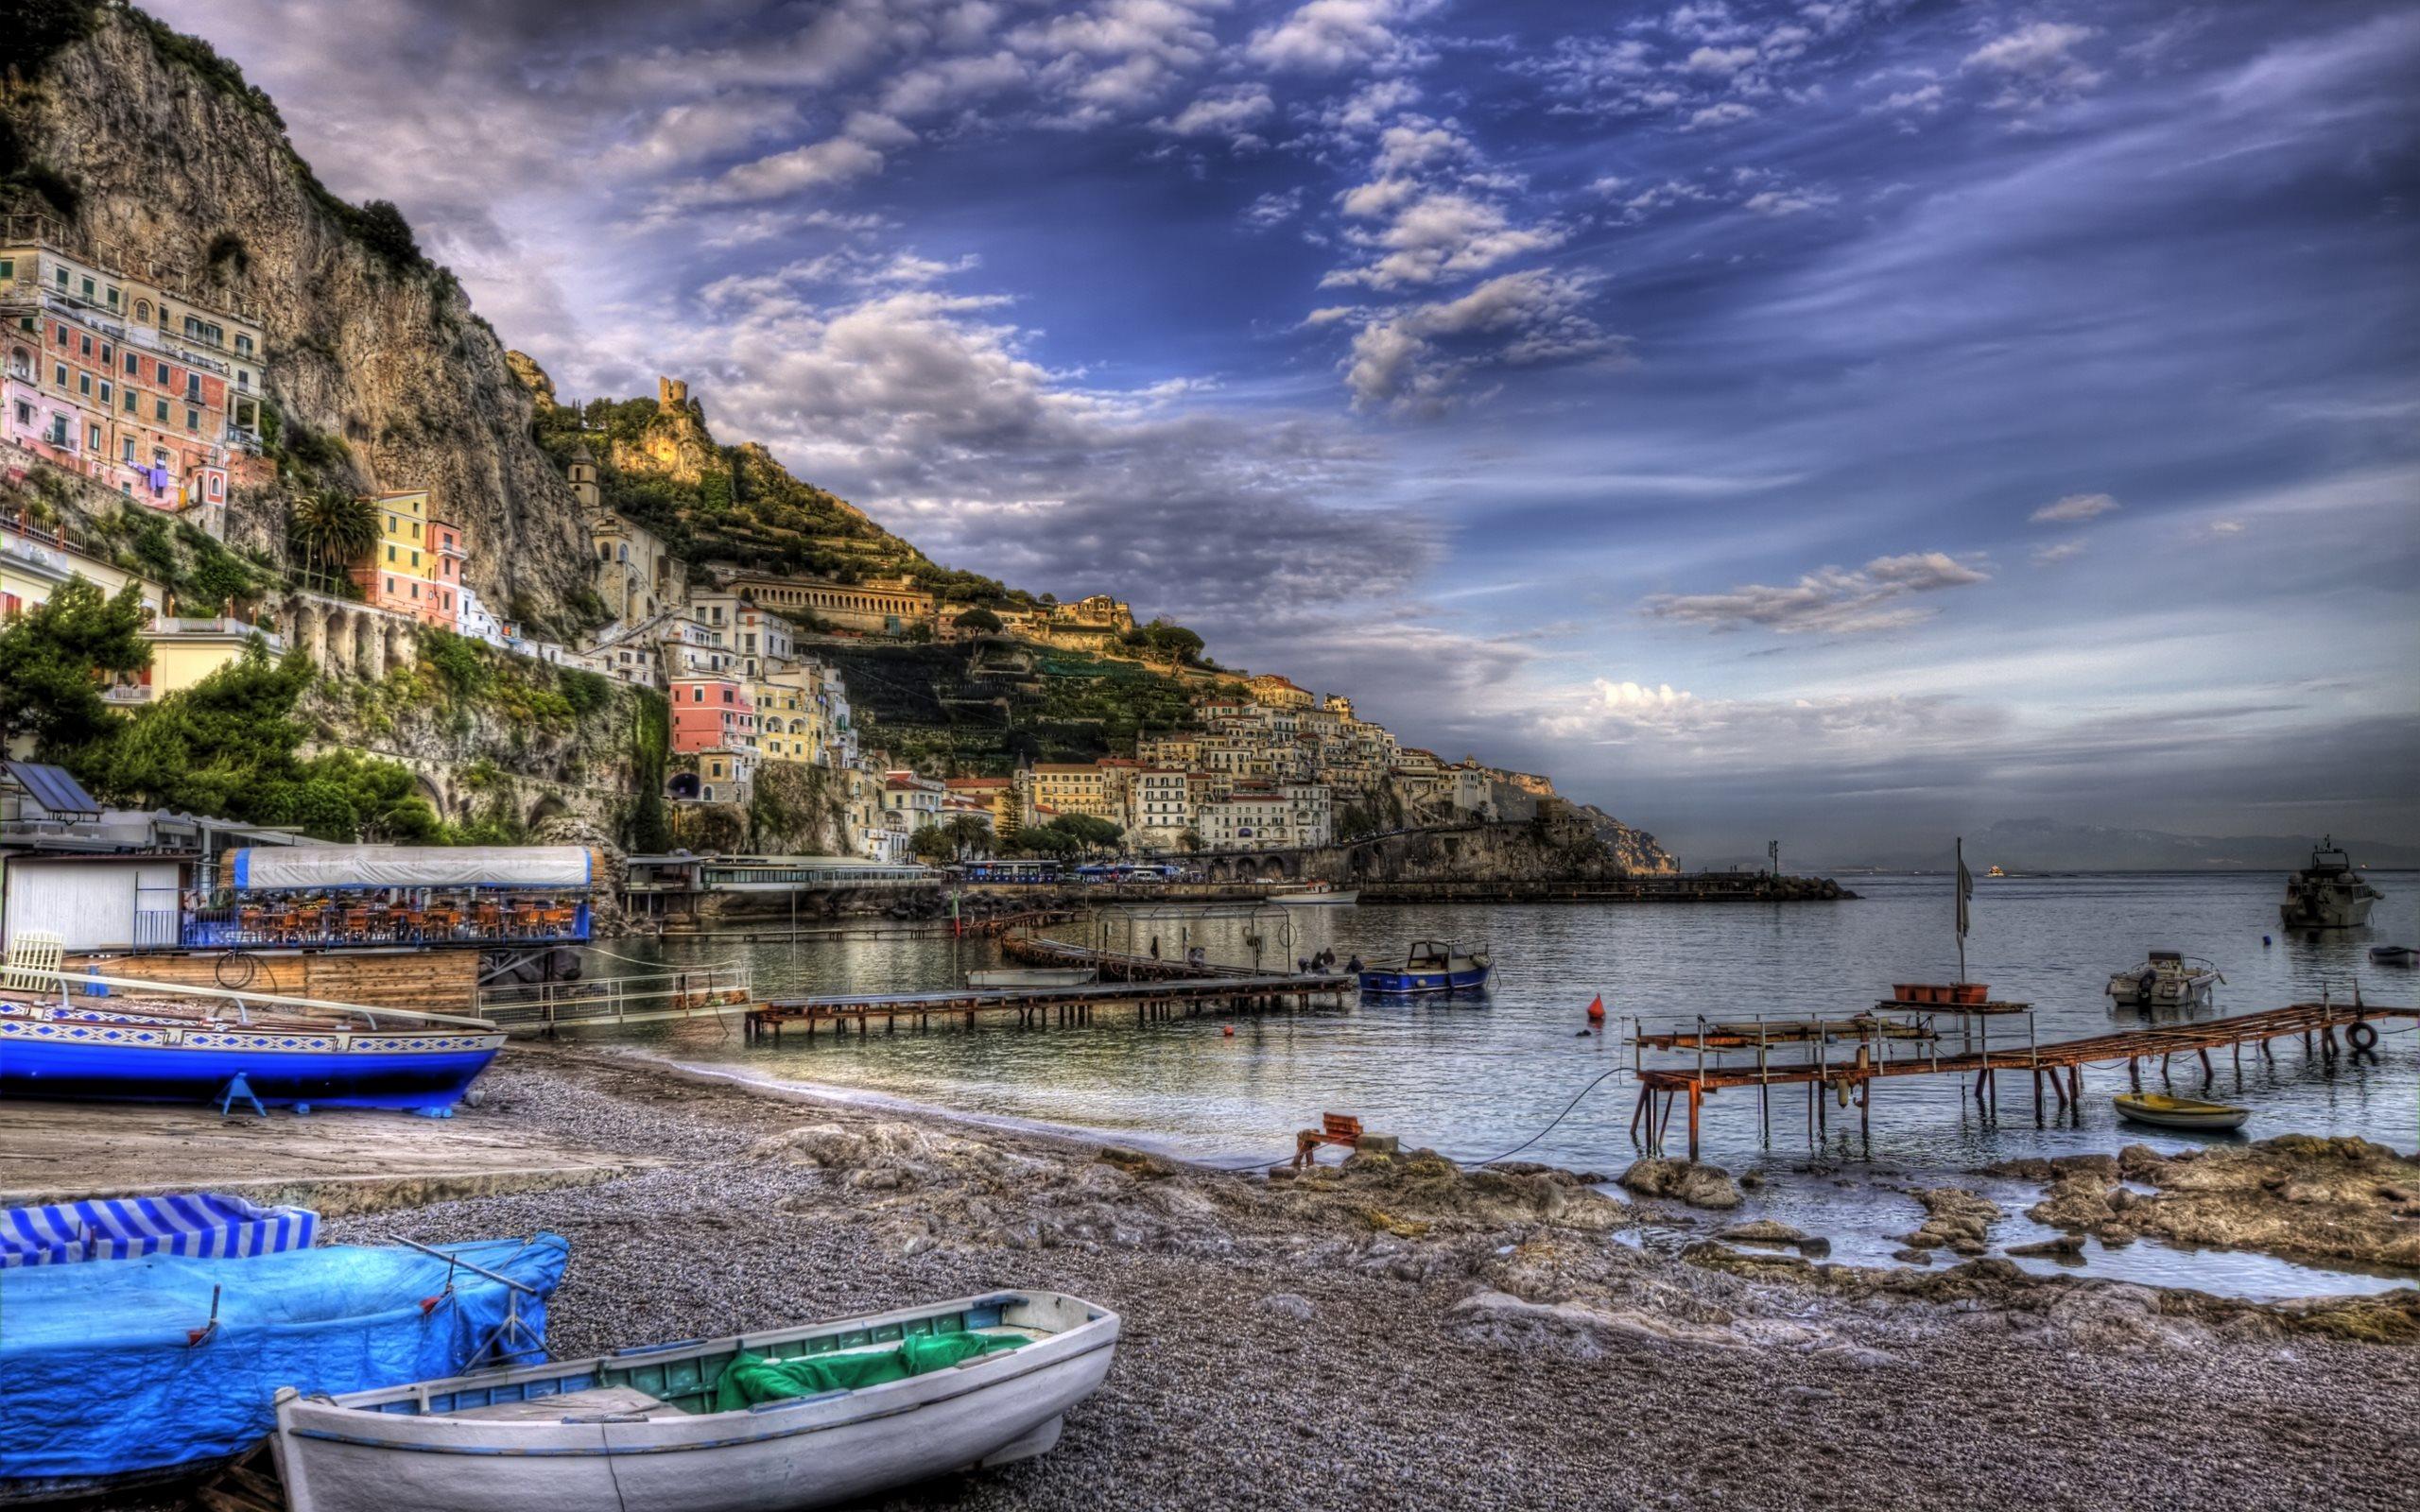 природа облака небо море Чинкве-Терре Италия  № 2798799 без смс